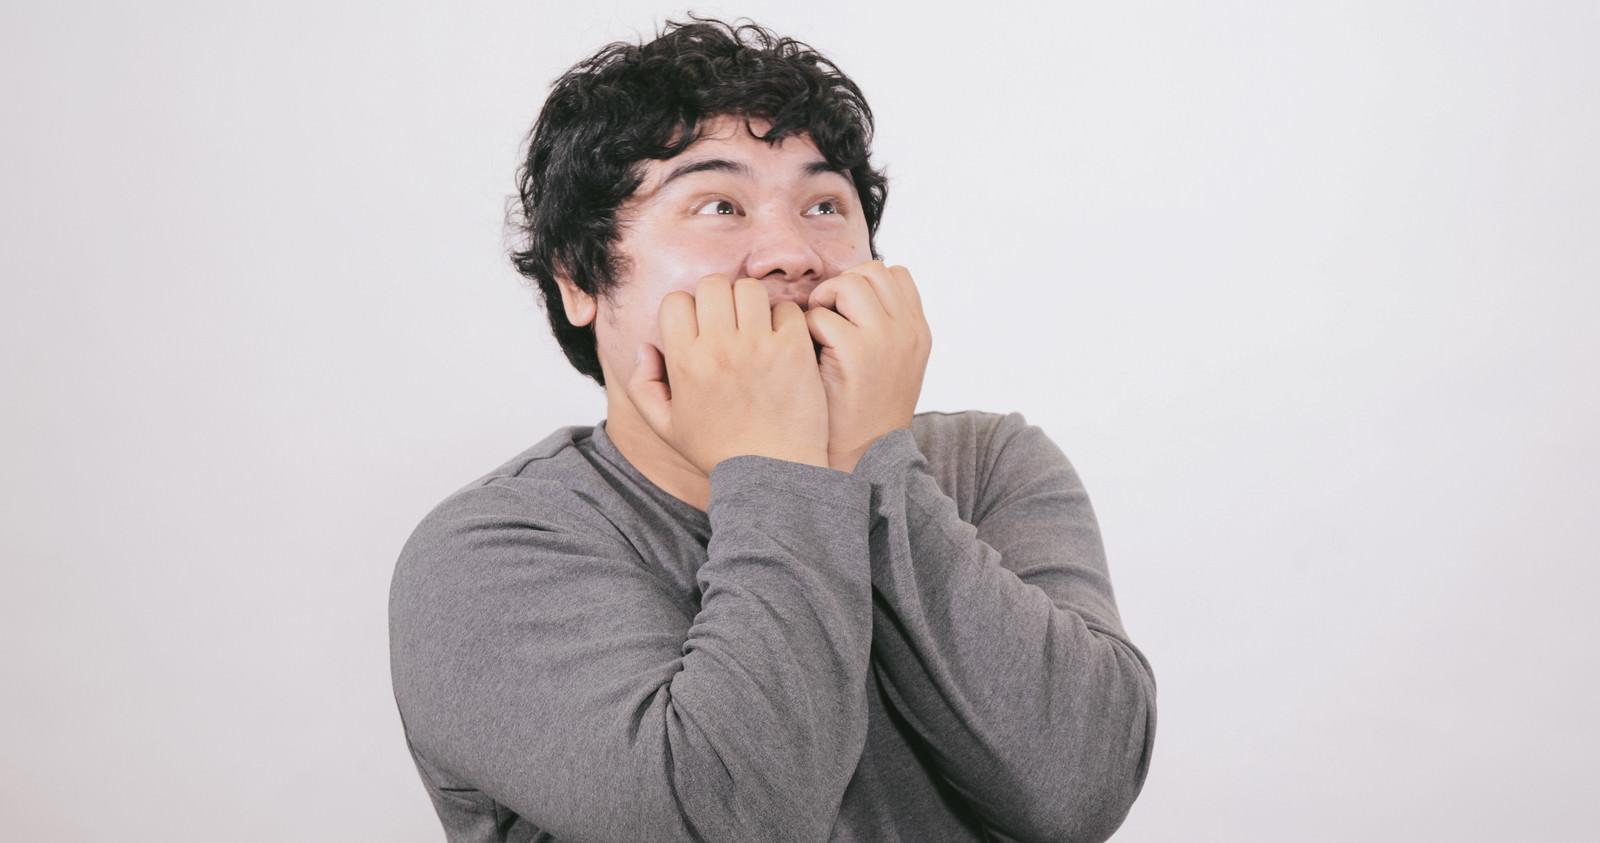 「何かを見てワクワクが止らない肥満何かを見てワクワクが止らない肥満」[モデル:段田隼人]のフリー写真素材を拡大